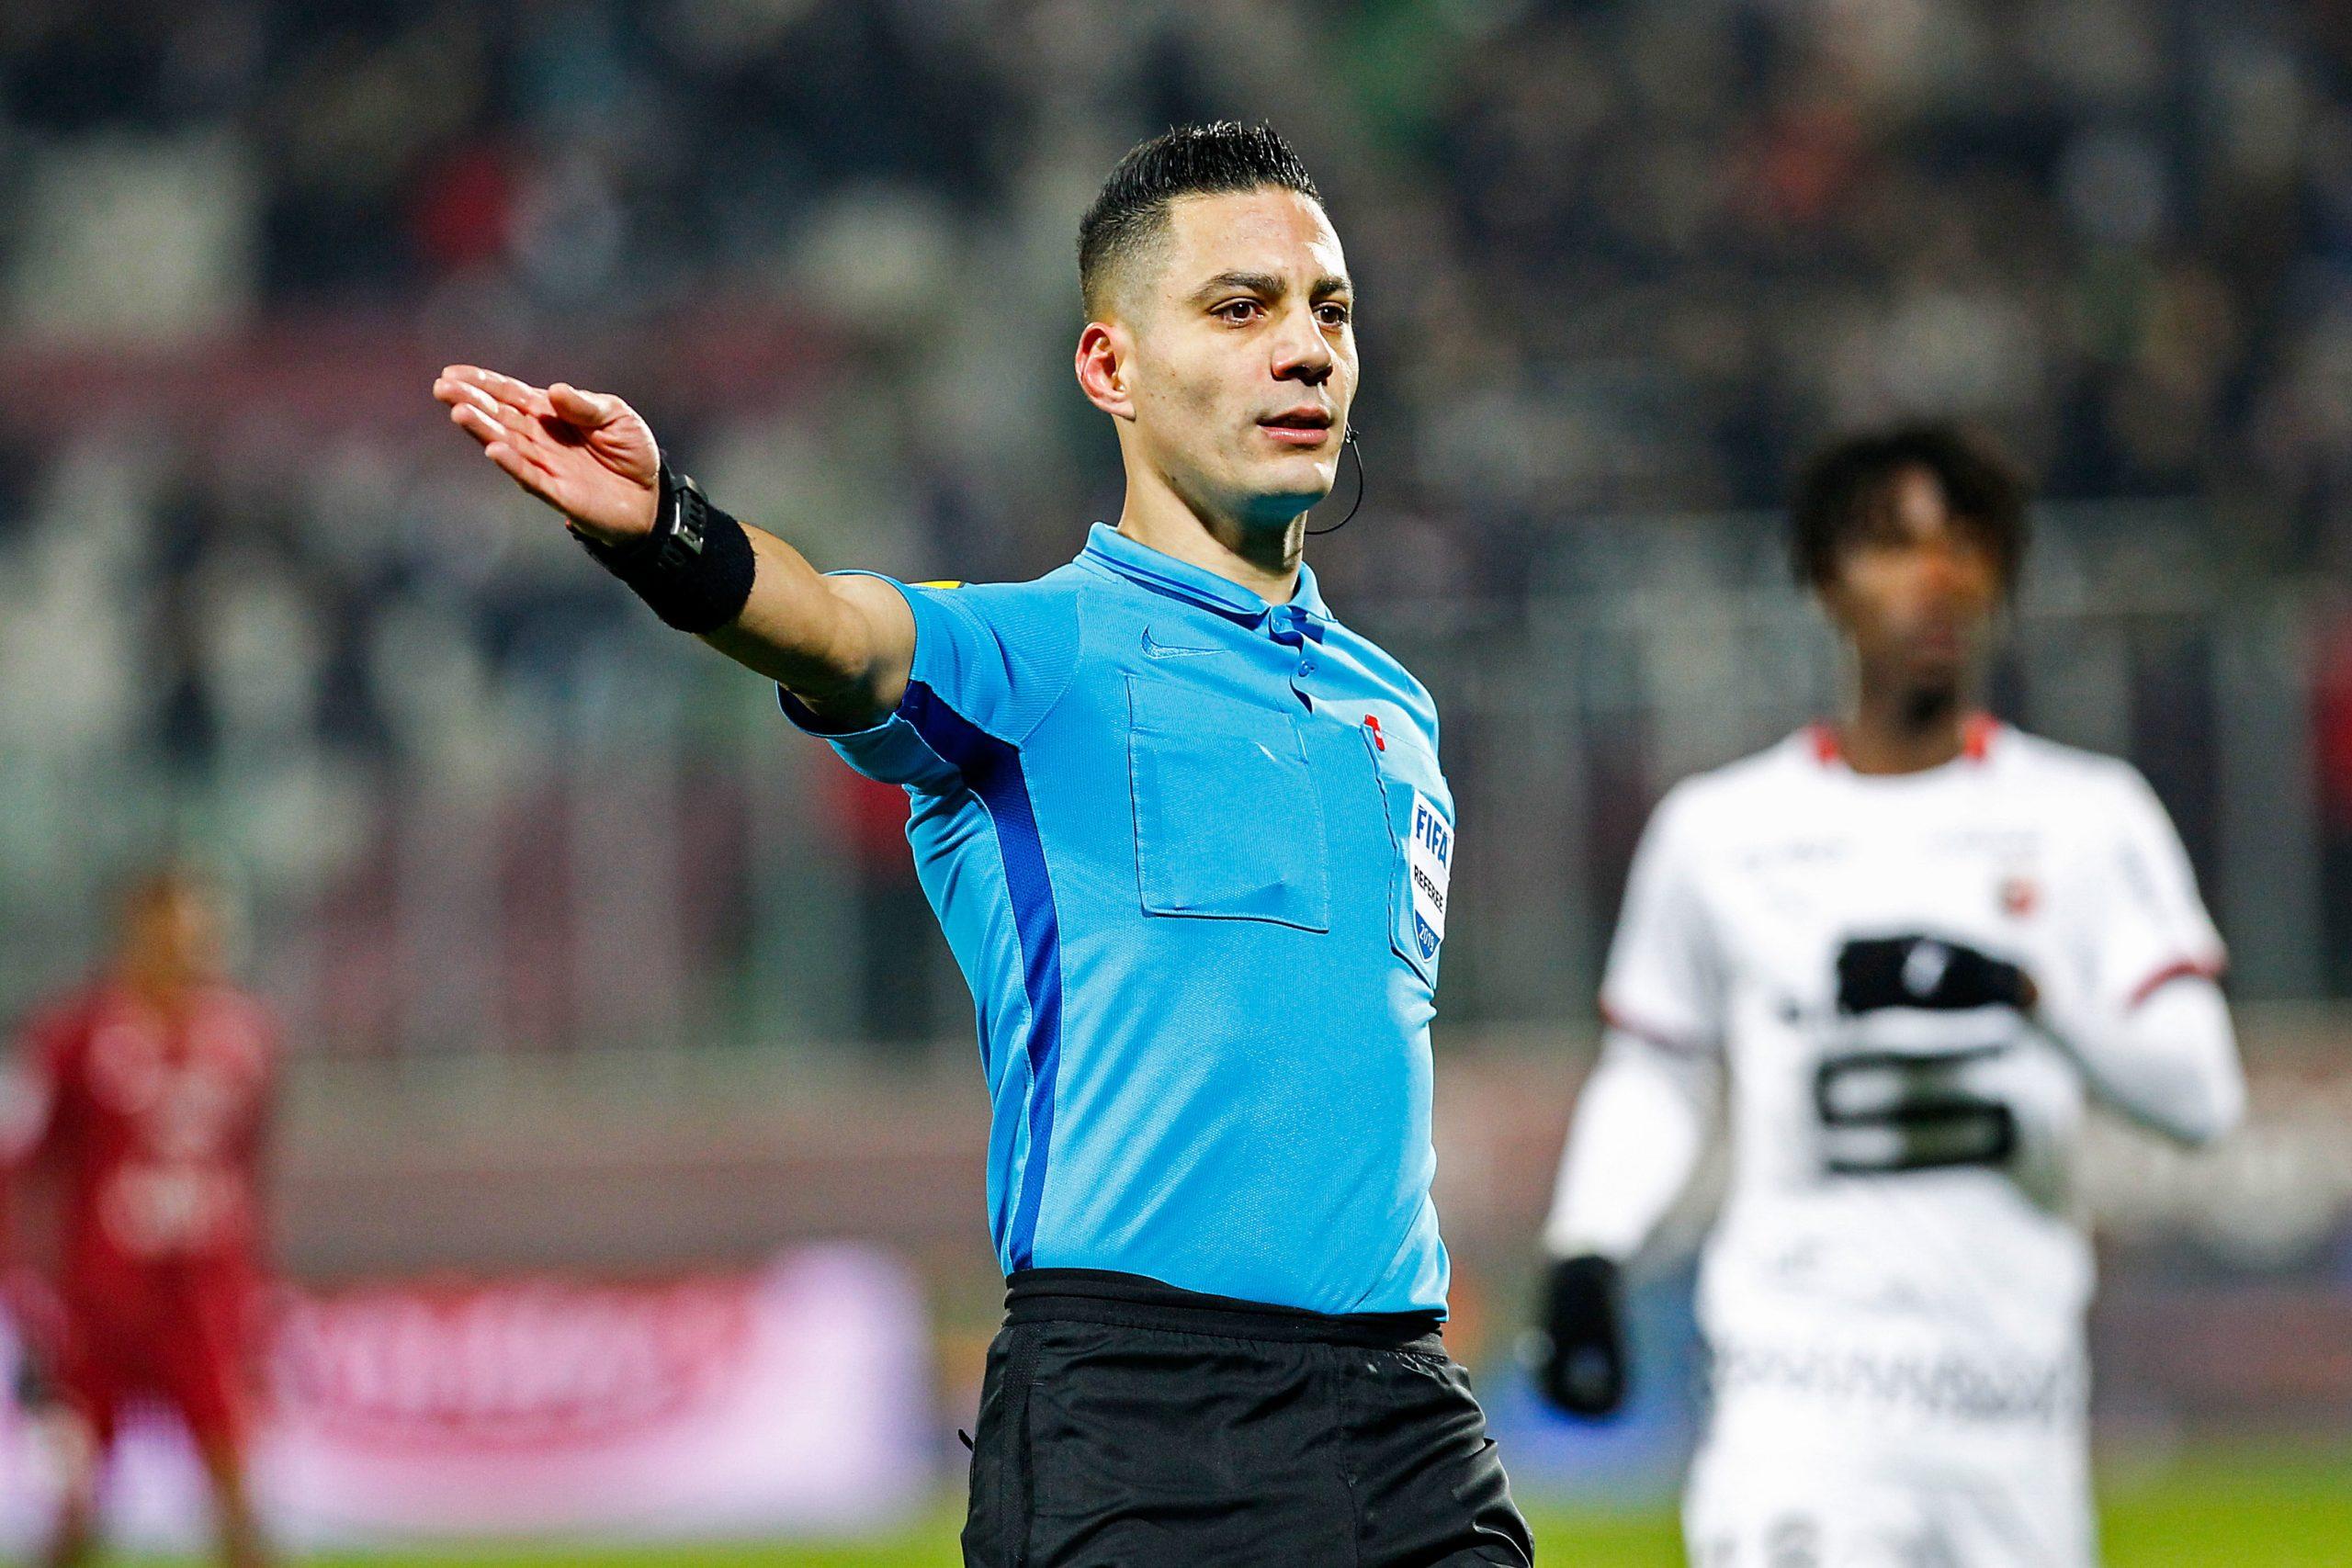 Saint-Etienne/PSG - Abed désigné arbitre, peu de jaunes mais beaucoup de rouges